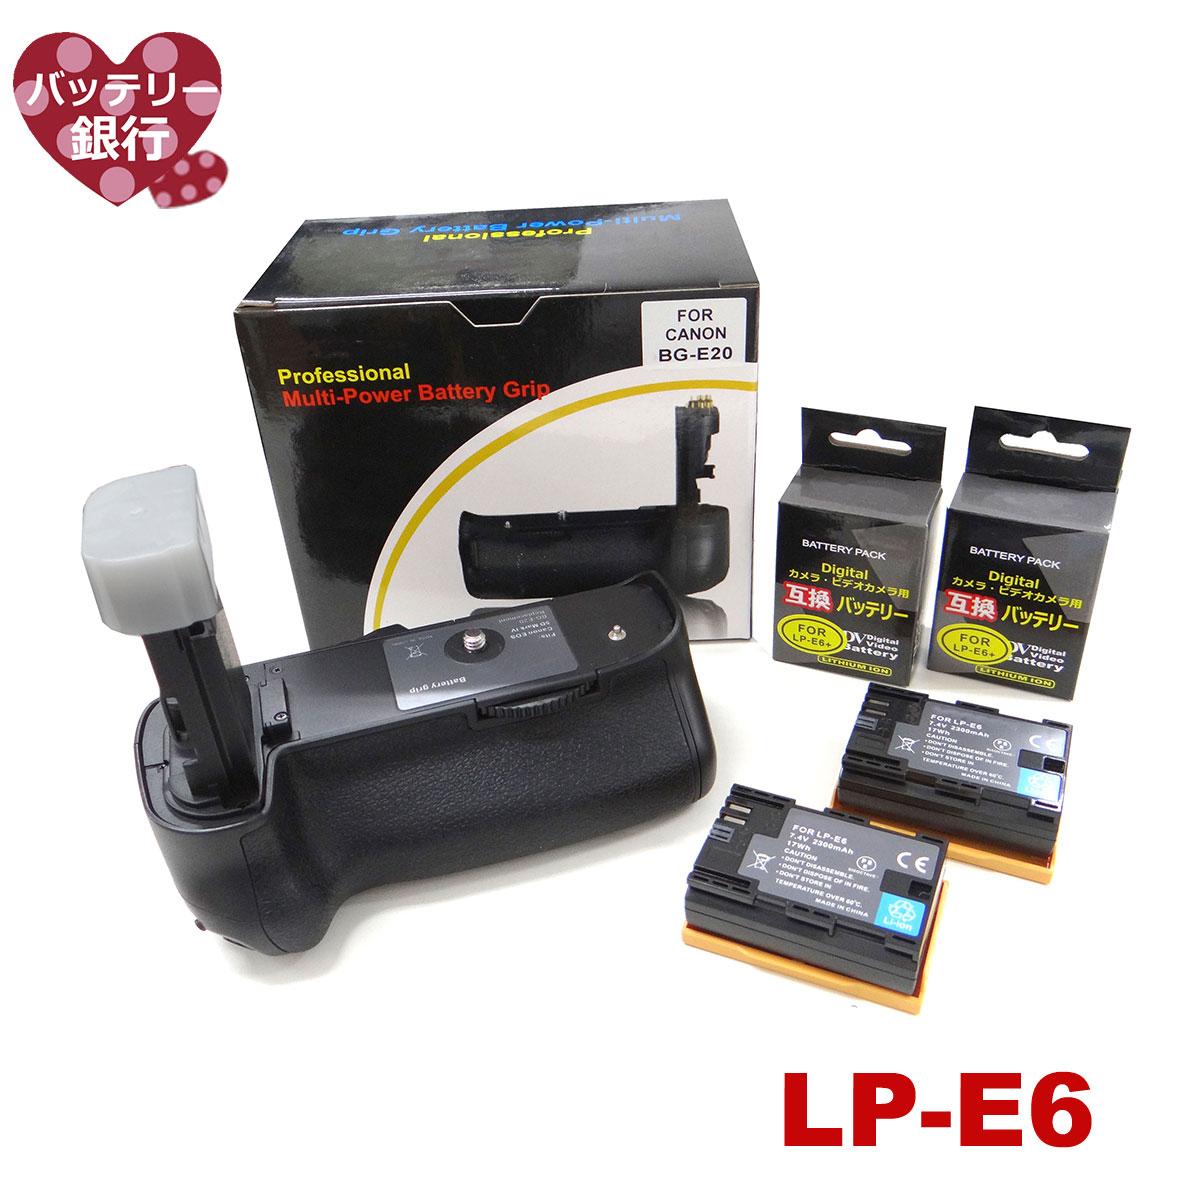 送料無料【あす楽対応】bg-e20 キヤノン CANON バッテリー2個とグリップの3点セット lp-e6 / lp-e6n / eos 5d mark 4 カメラ専用 BG-E20 EOS5DMK4 イオス対応